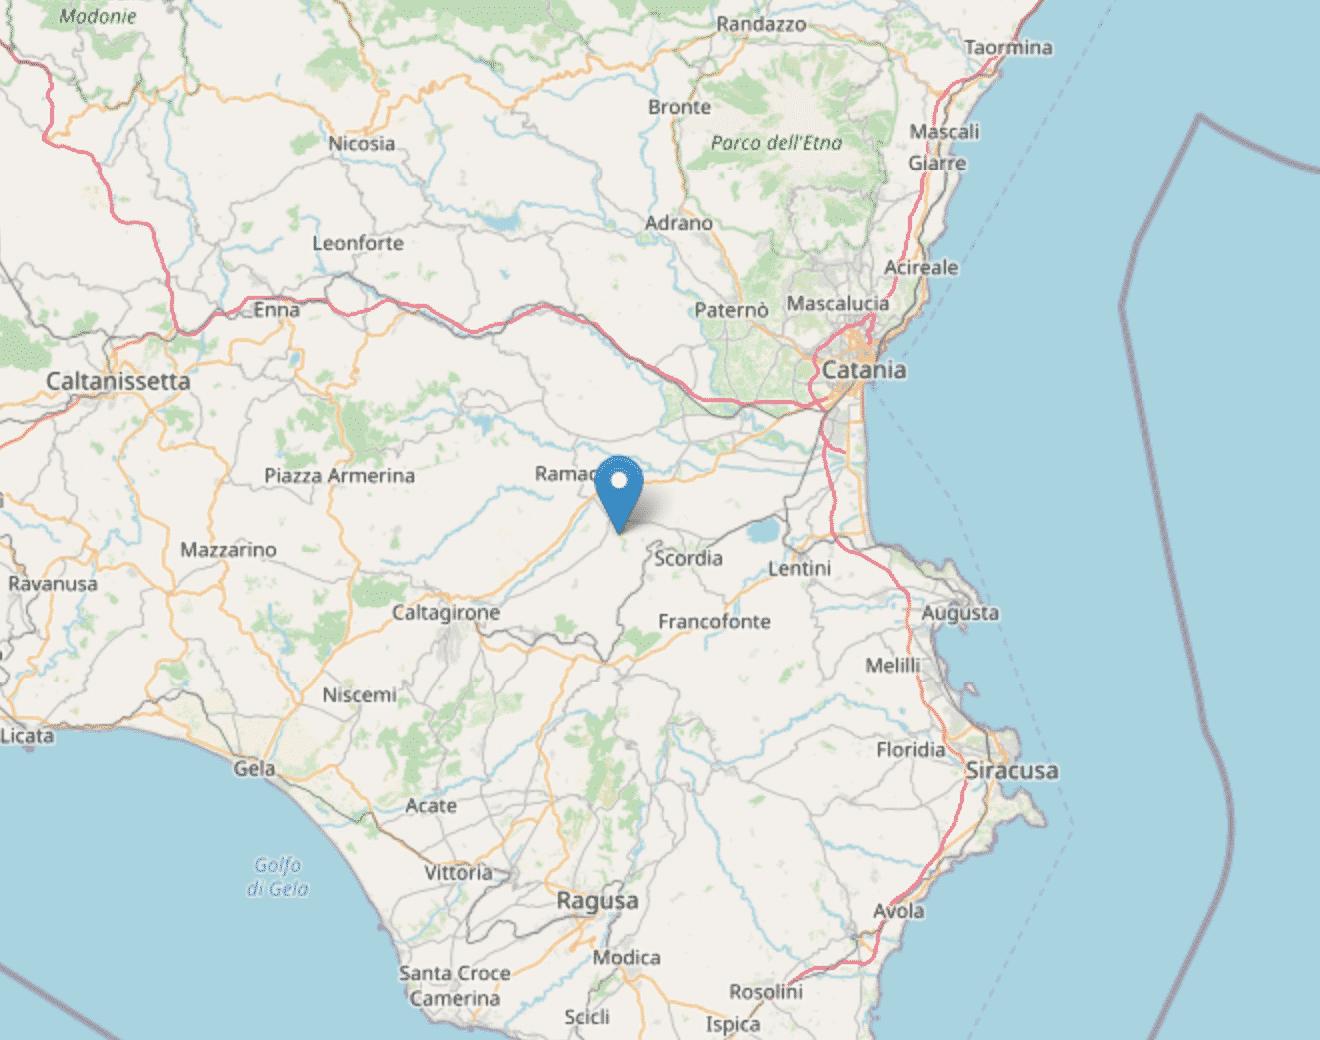 Terremoto in provincia di Catania, scossa di magnitudo 3.2 nell'est della Sicilia